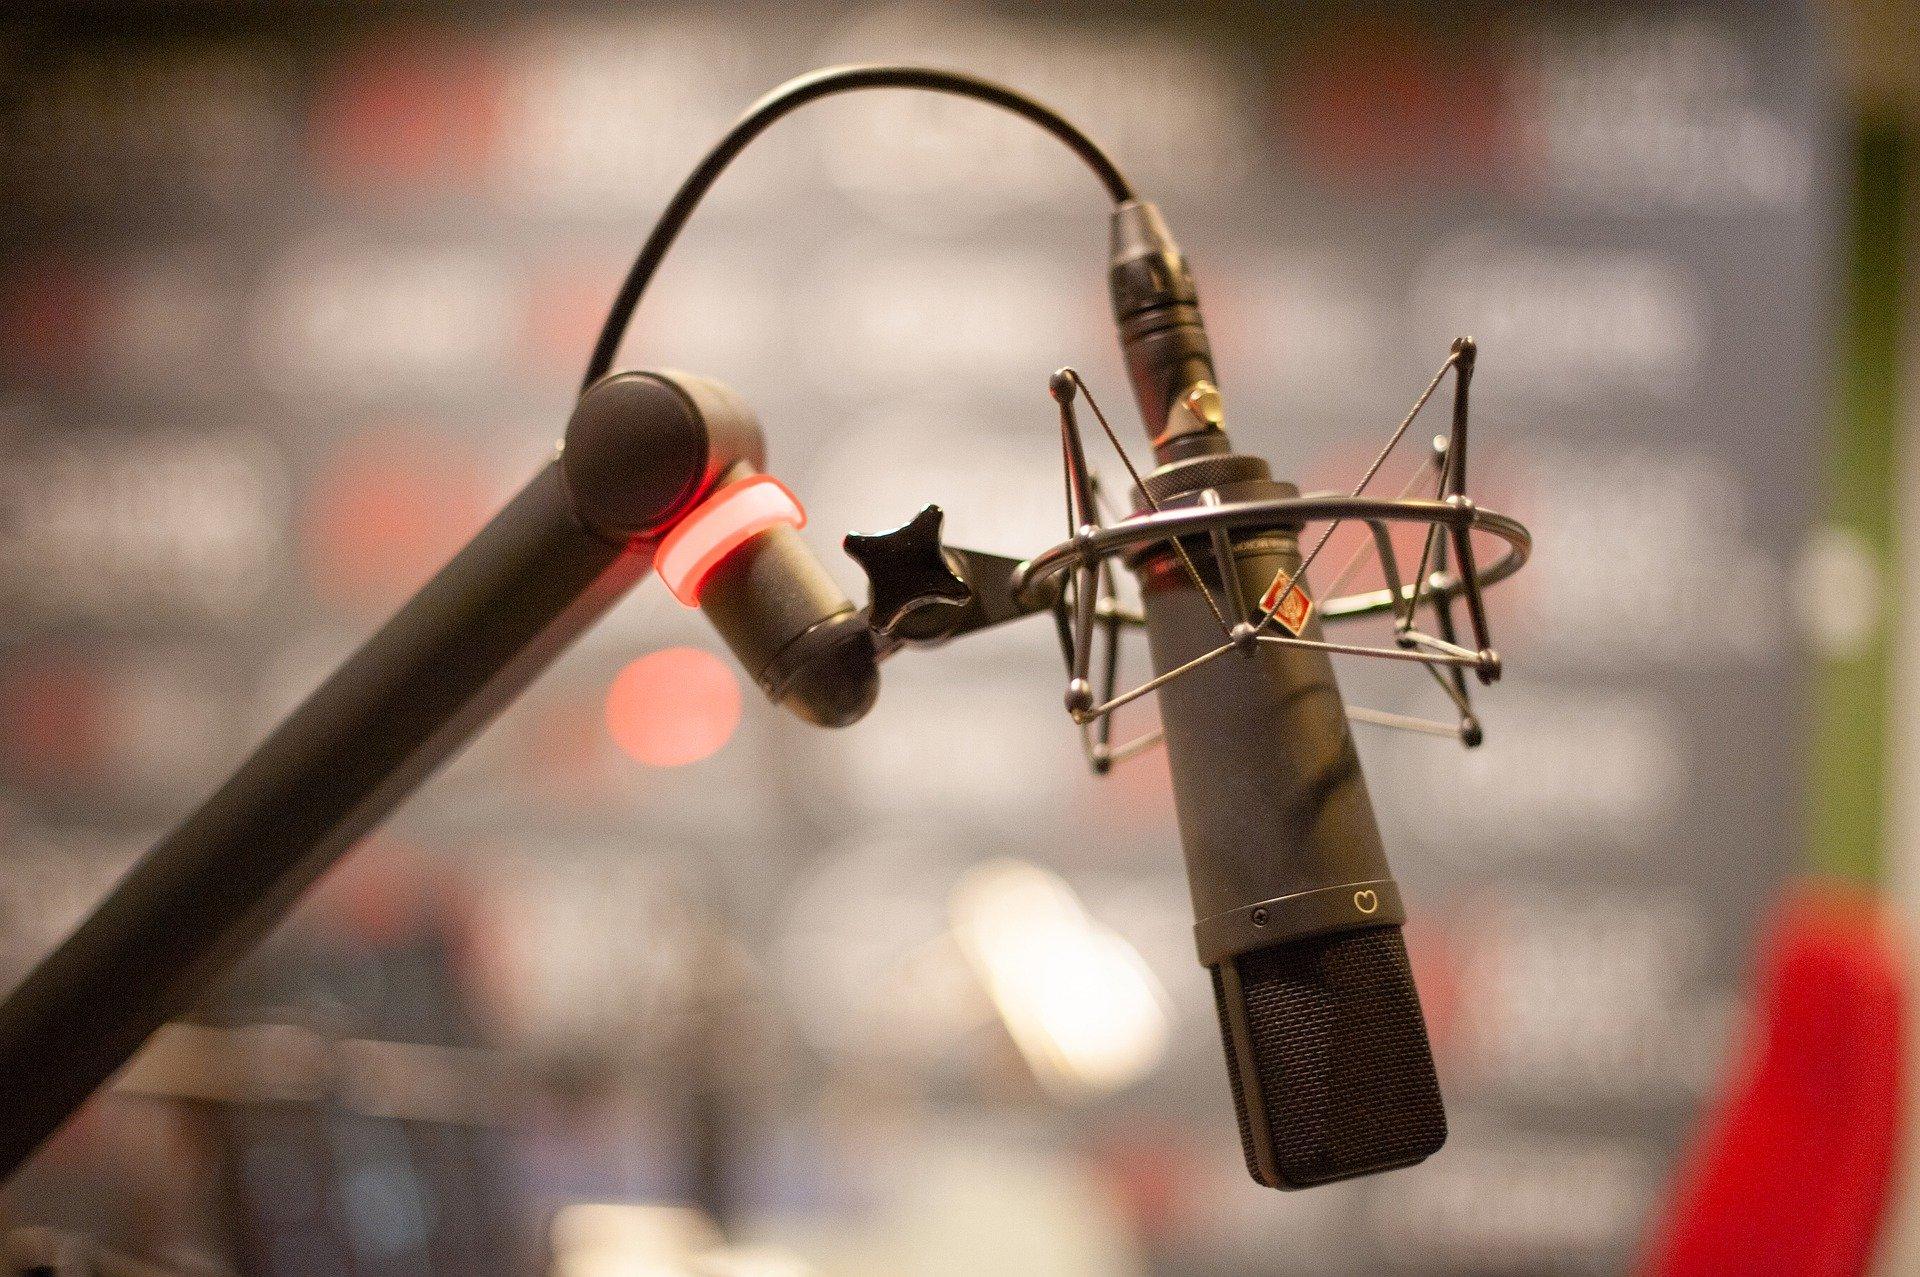 ラジオドラマ「START UP GIG(スタートアップ・ギグ)」第3話が放送されます